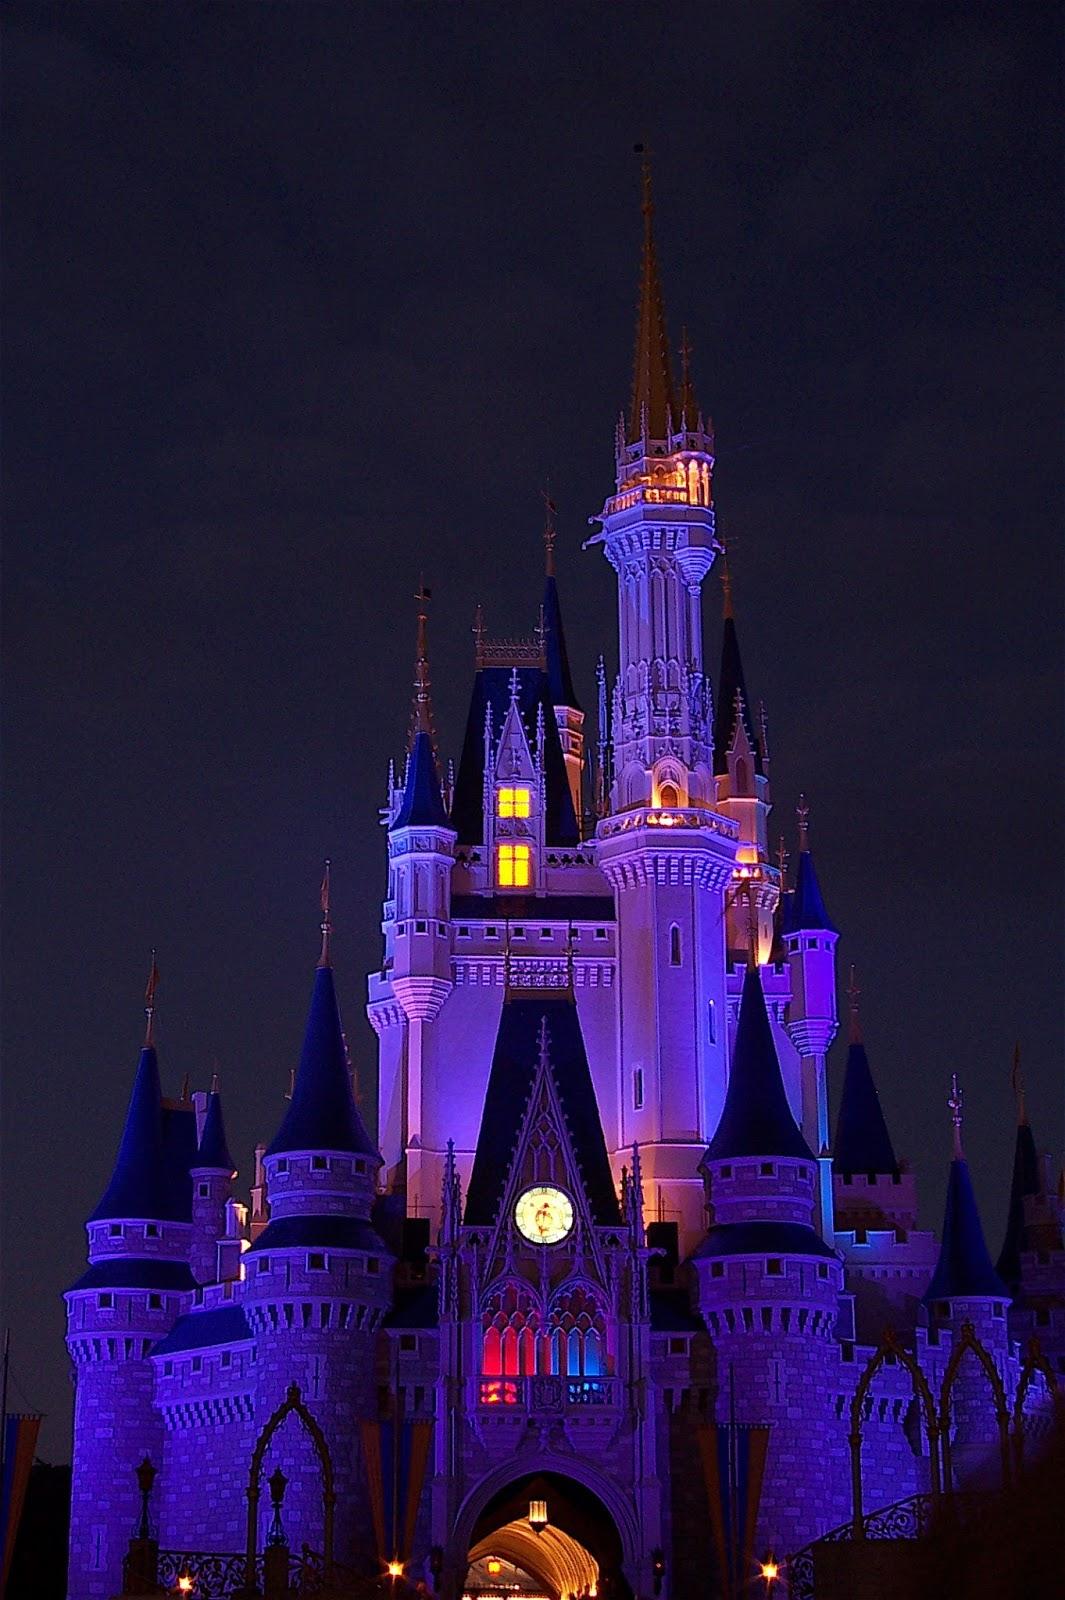 Disneyland Castle At Night Disney Musings: Wordle...